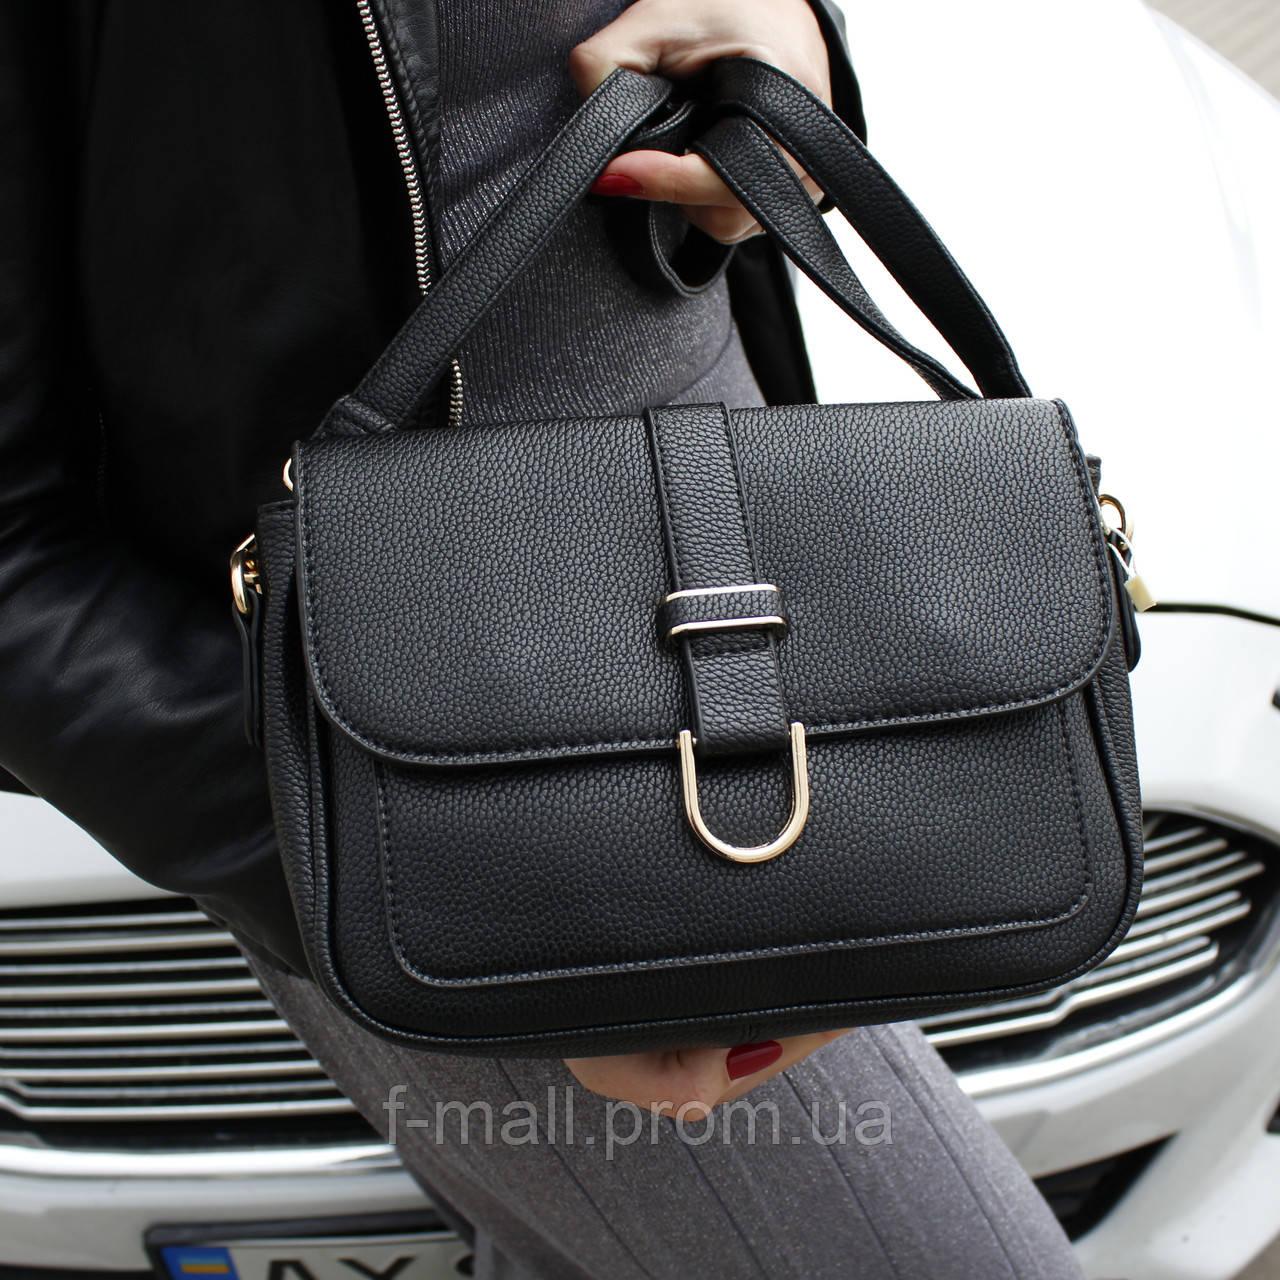 Женская сумка клатч черная (315)